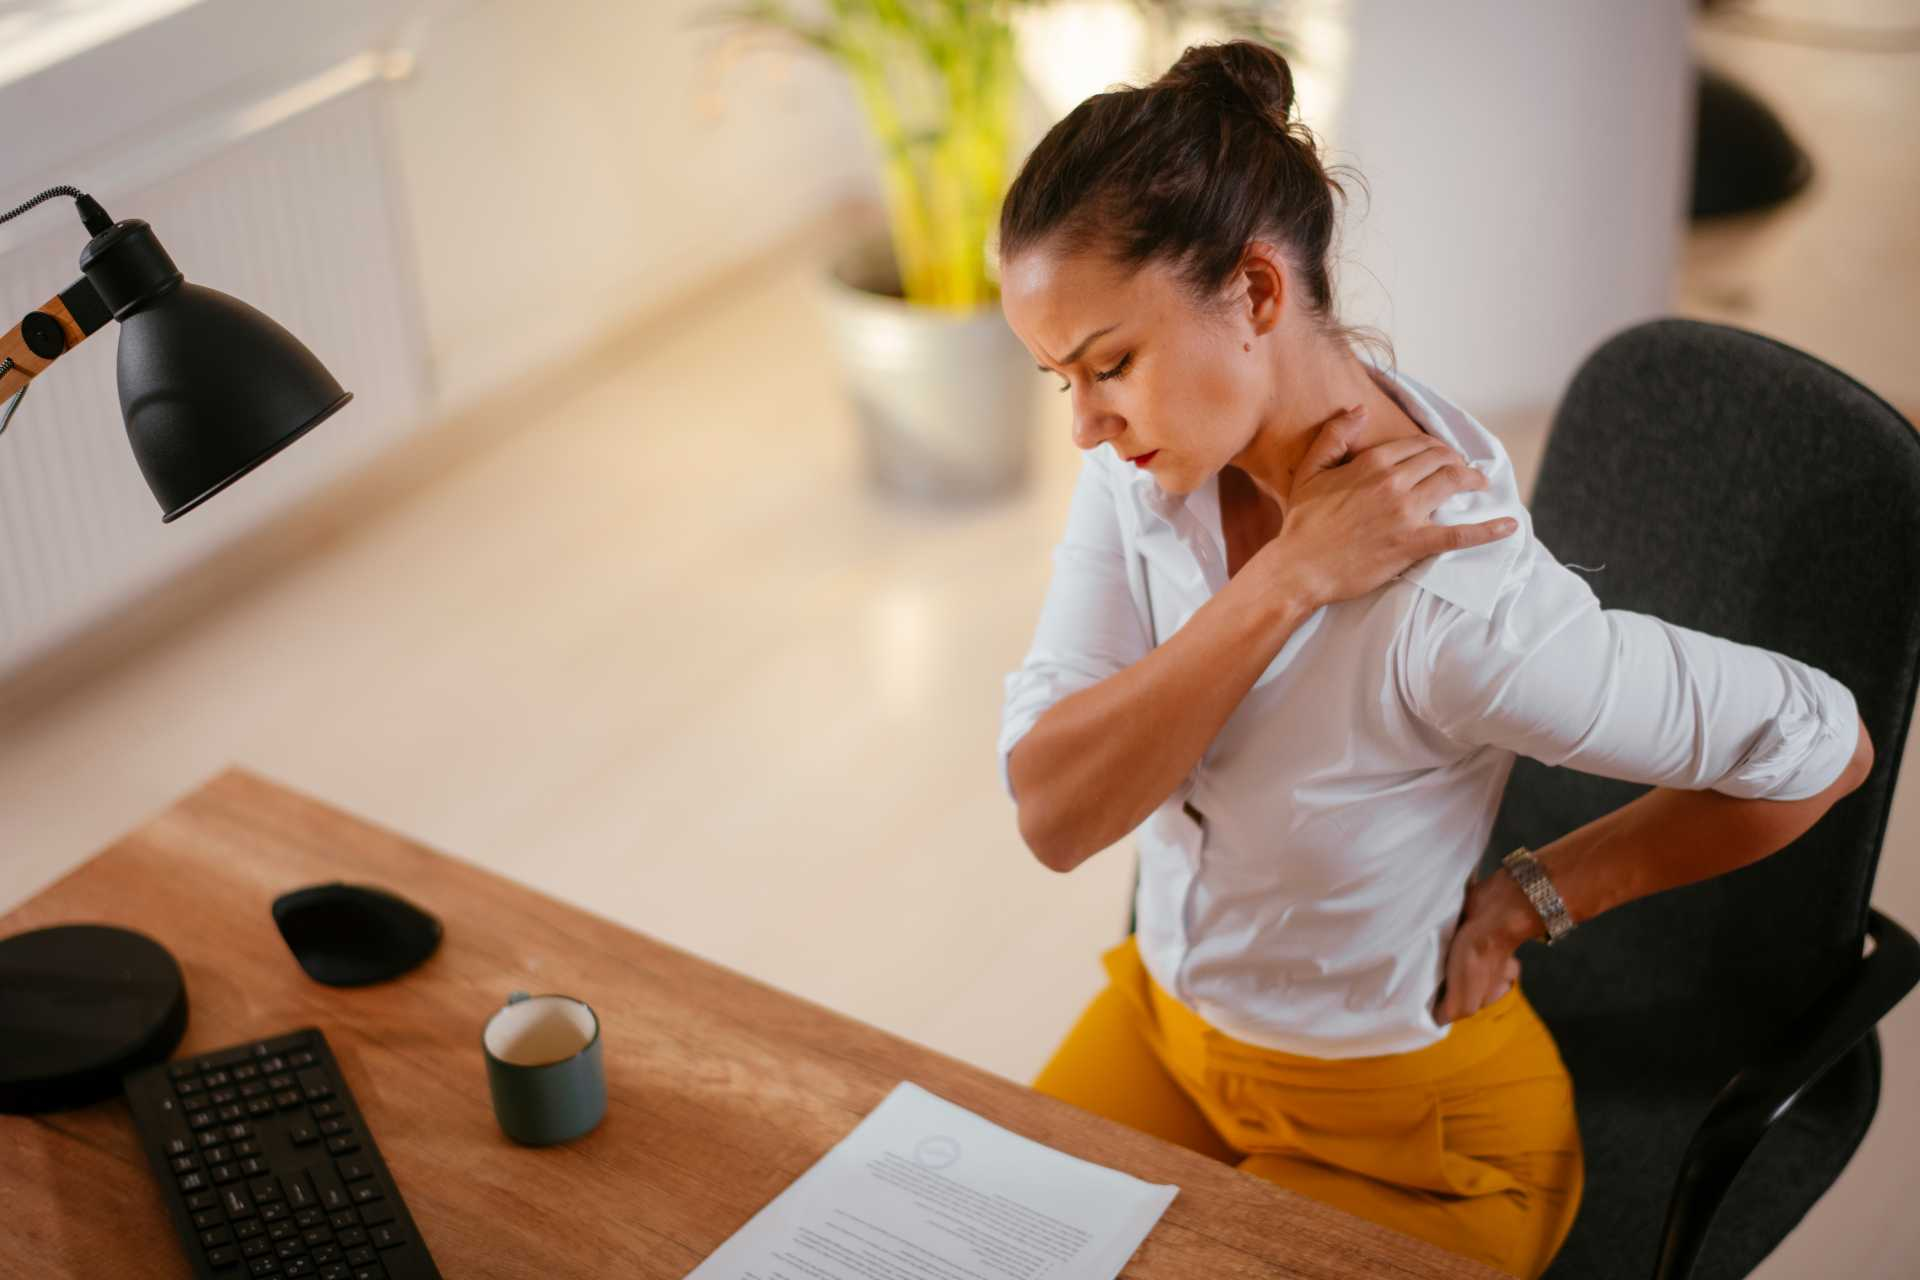 Sedavé zaměstnání či pohybový deficit? Víte, co může způsobit bolesti zad?